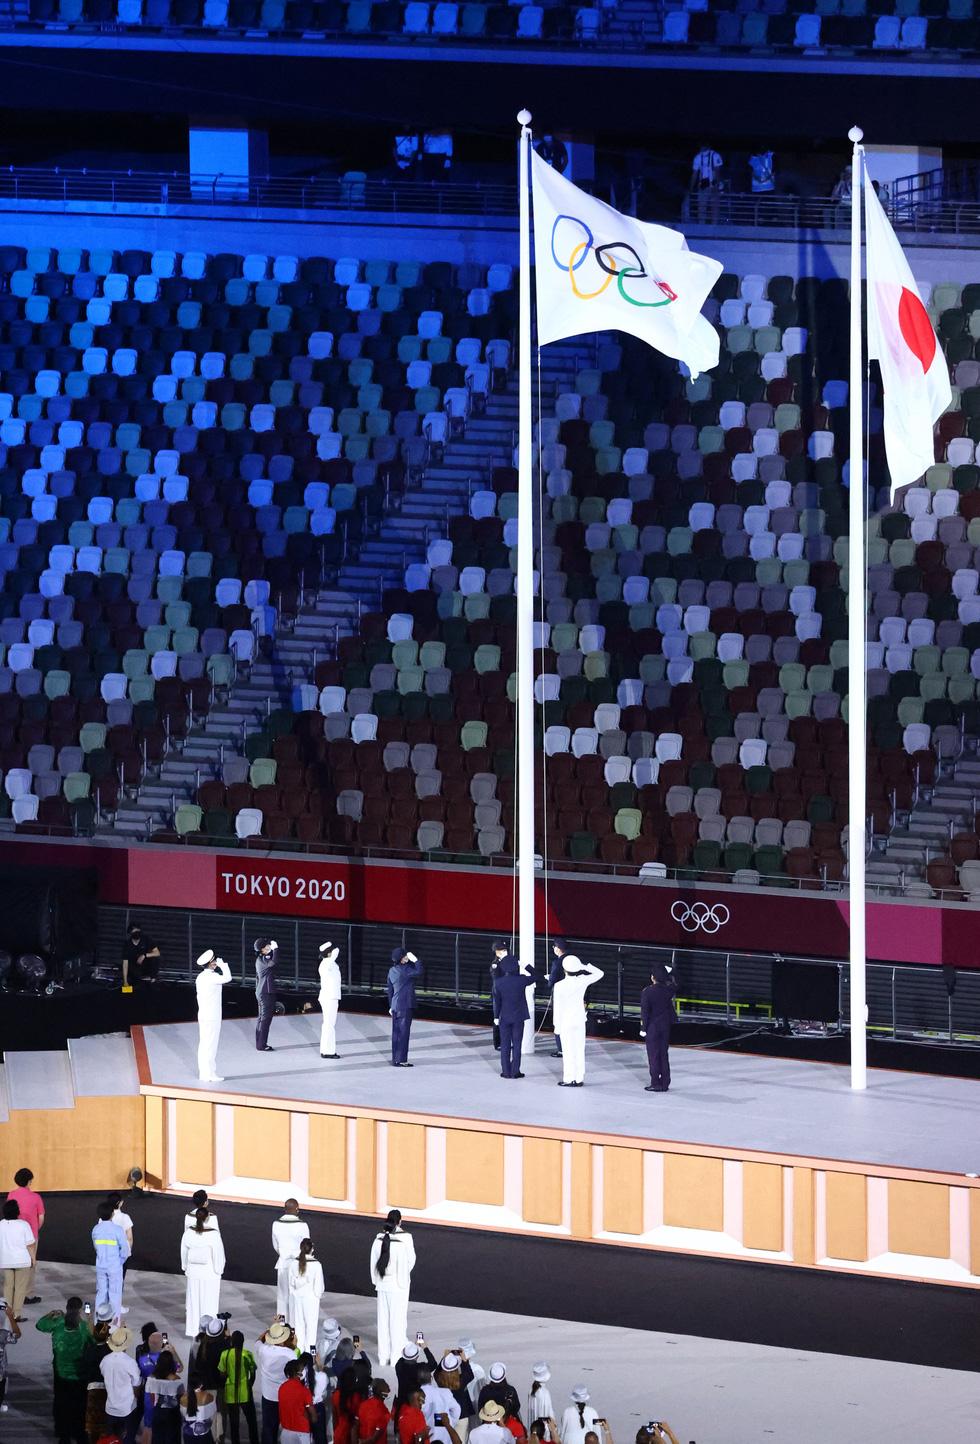 Đài lửa đã được thắp sáng, Olympic 2020 chính thức khai mạc - Ảnh 9.